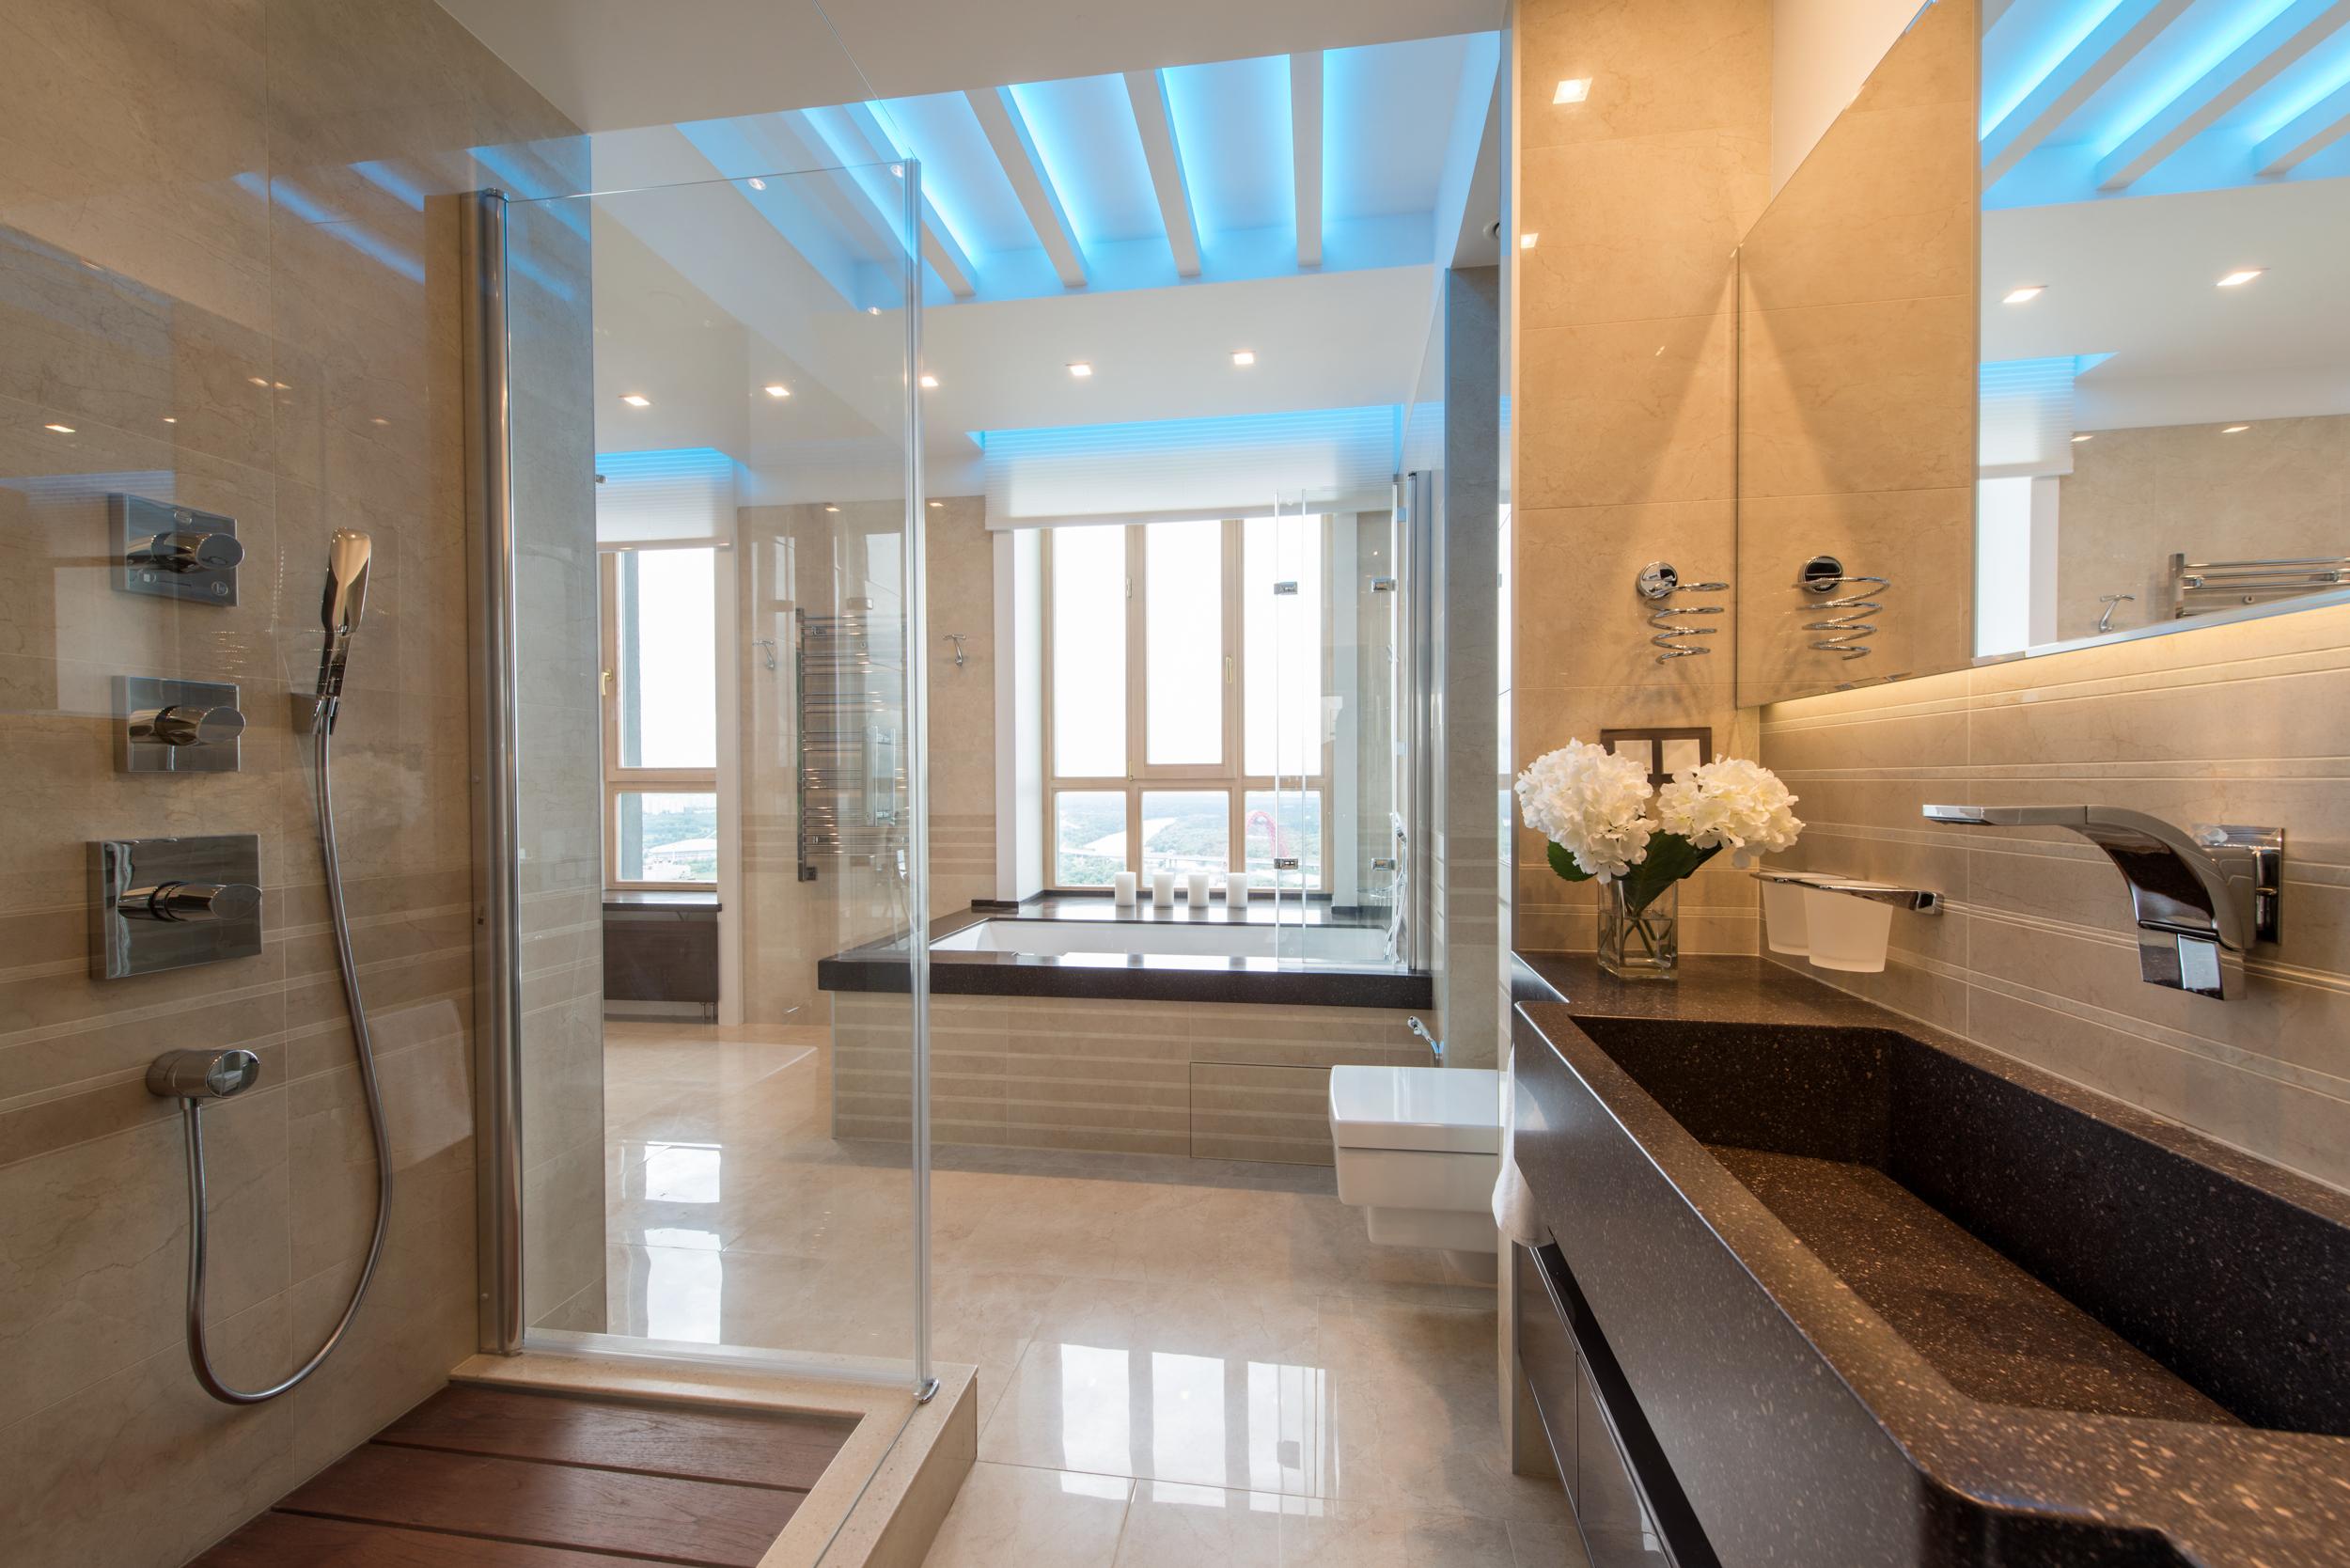 Ванная, дизайн, окно, вид, подсветка